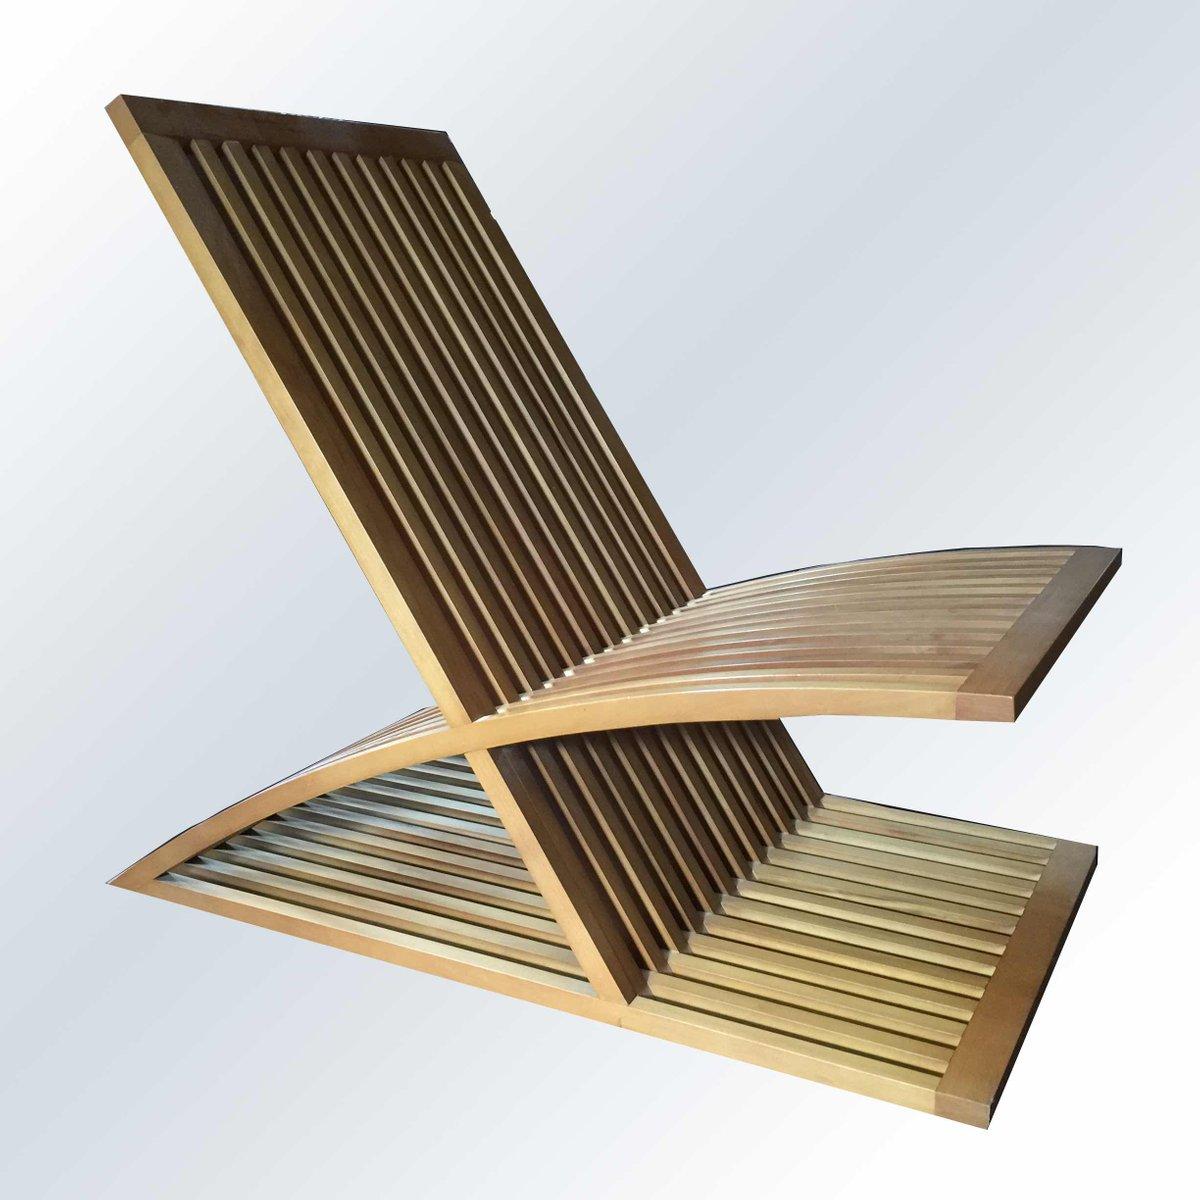 Triclinia lounge chair by masao noguchi for meccani for Martini arredamenti ribolla